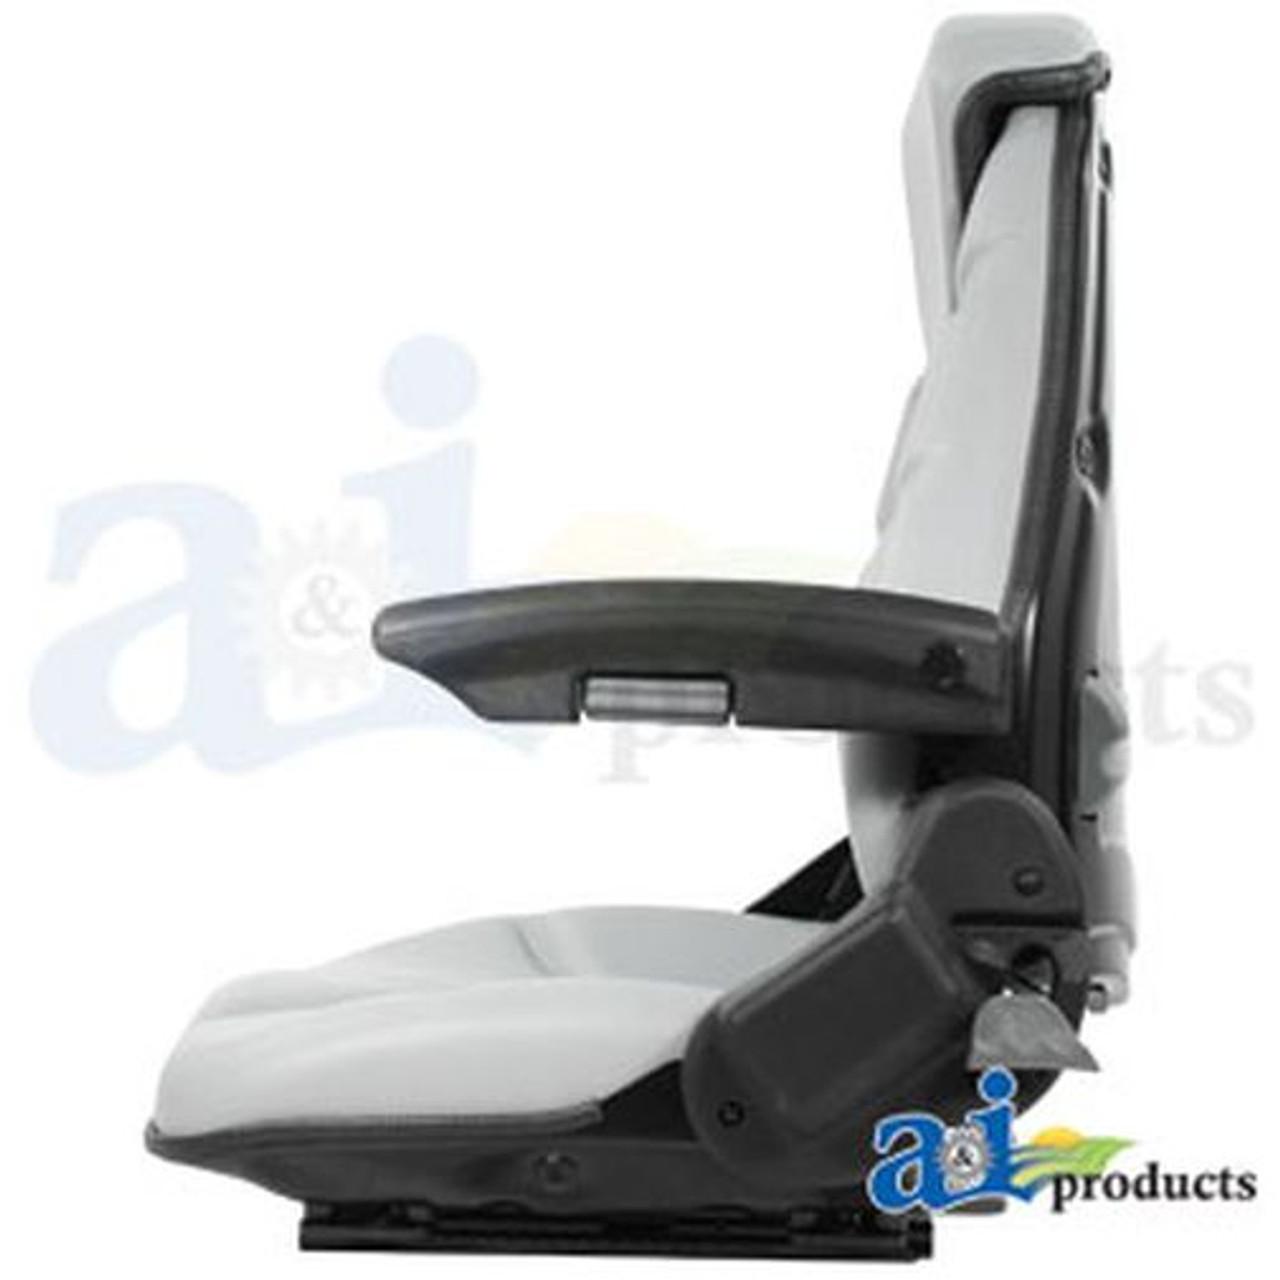 Seat, F20 Series, Slide Track / Armrest / Headrest / Gray Vinyl